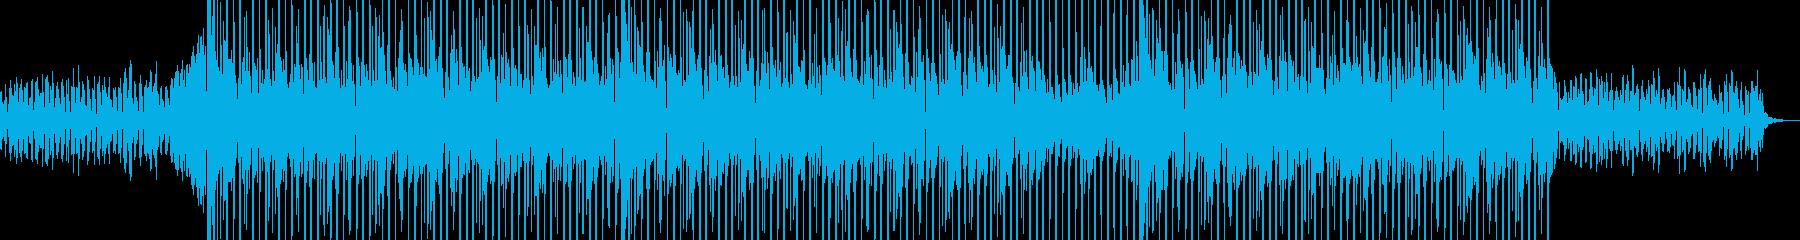 【ニュース】ビジネススタイルの再生済みの波形